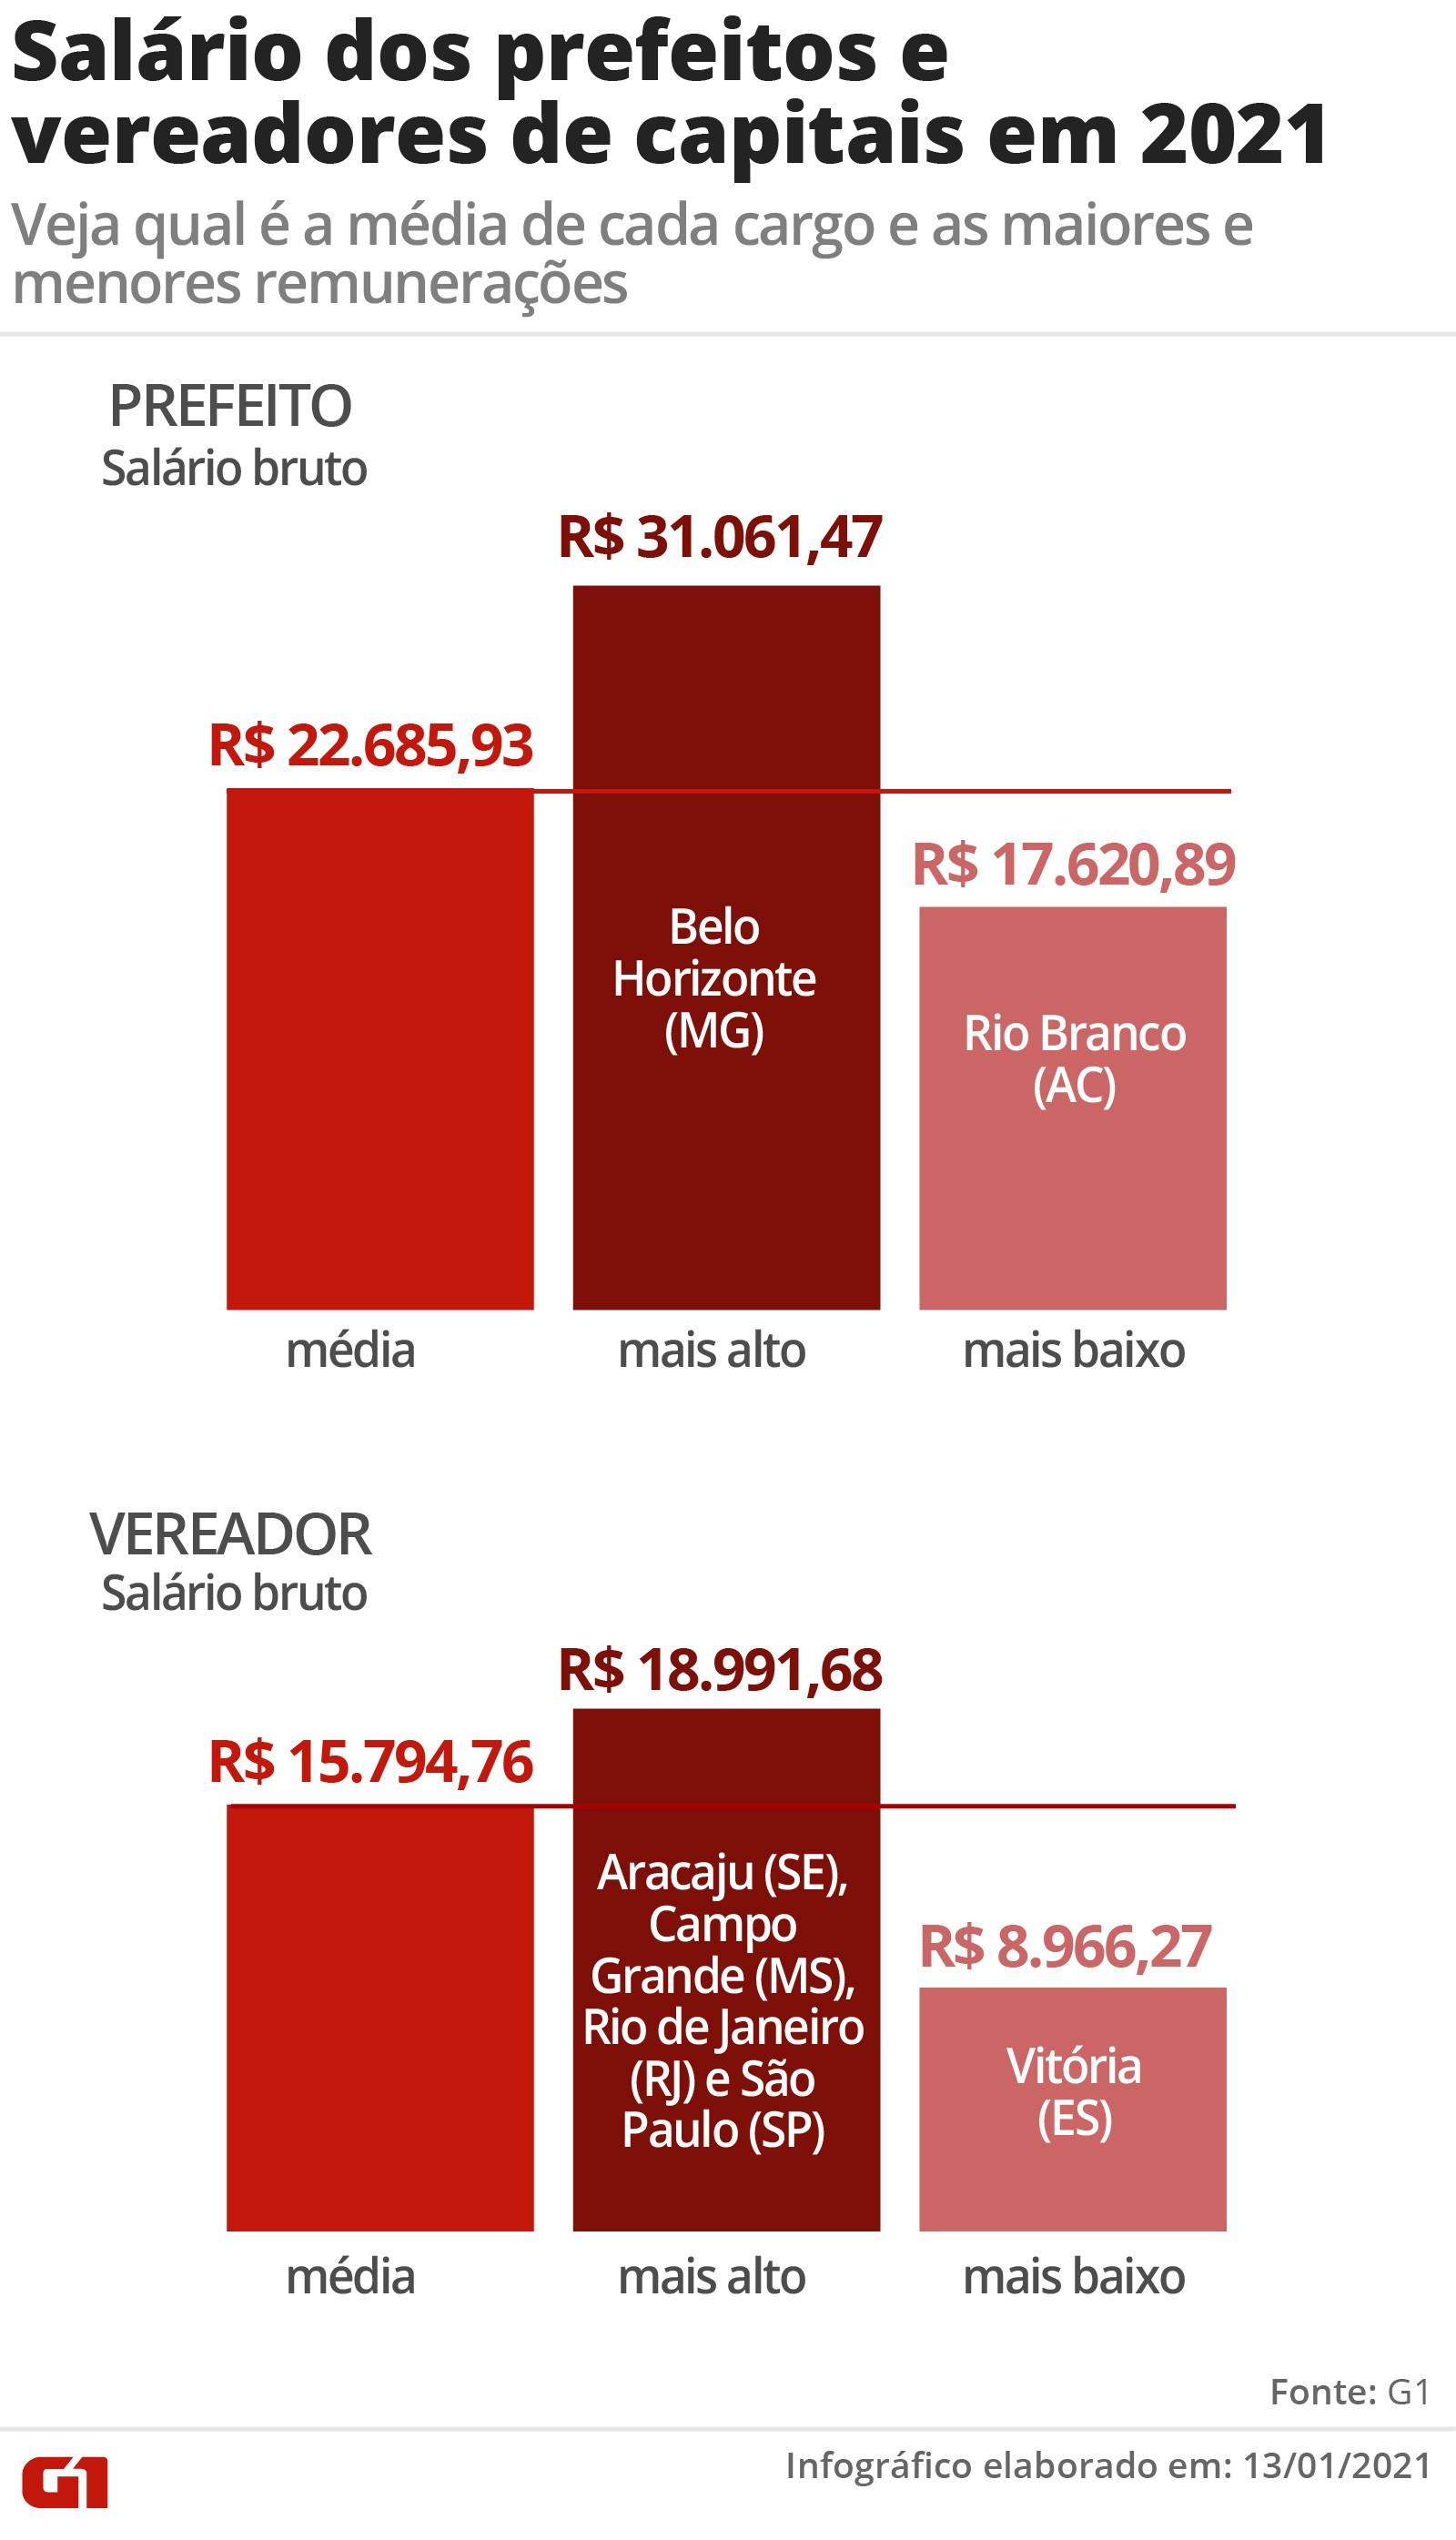 Salários dos prefeitos nas capitais variam de R$ 17,6 mil a R$ 31 mil; vereadores recebem até R$ 18,9 mil